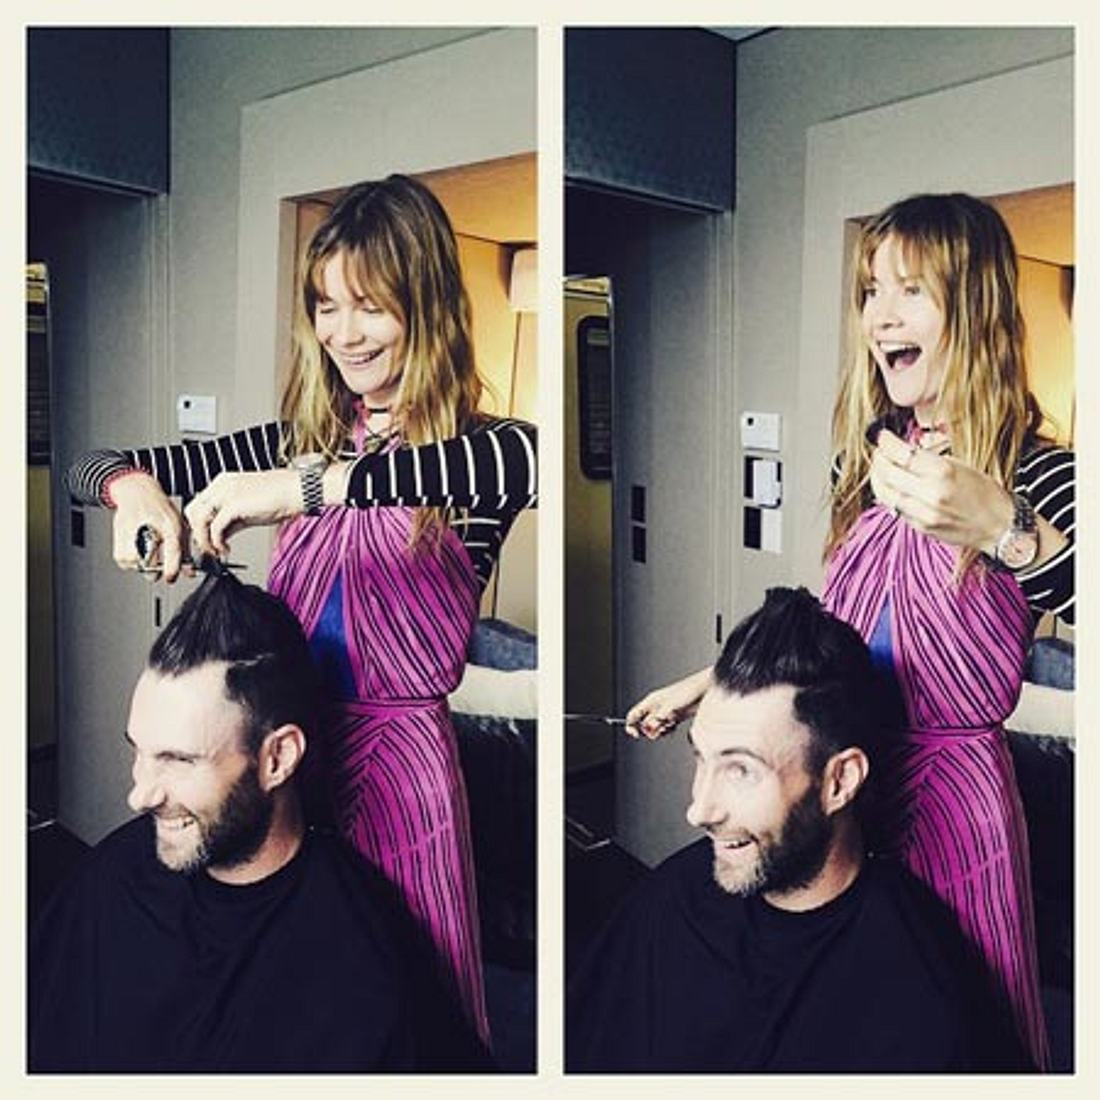 Adam Levine und seine Friseurin/Frau Behati